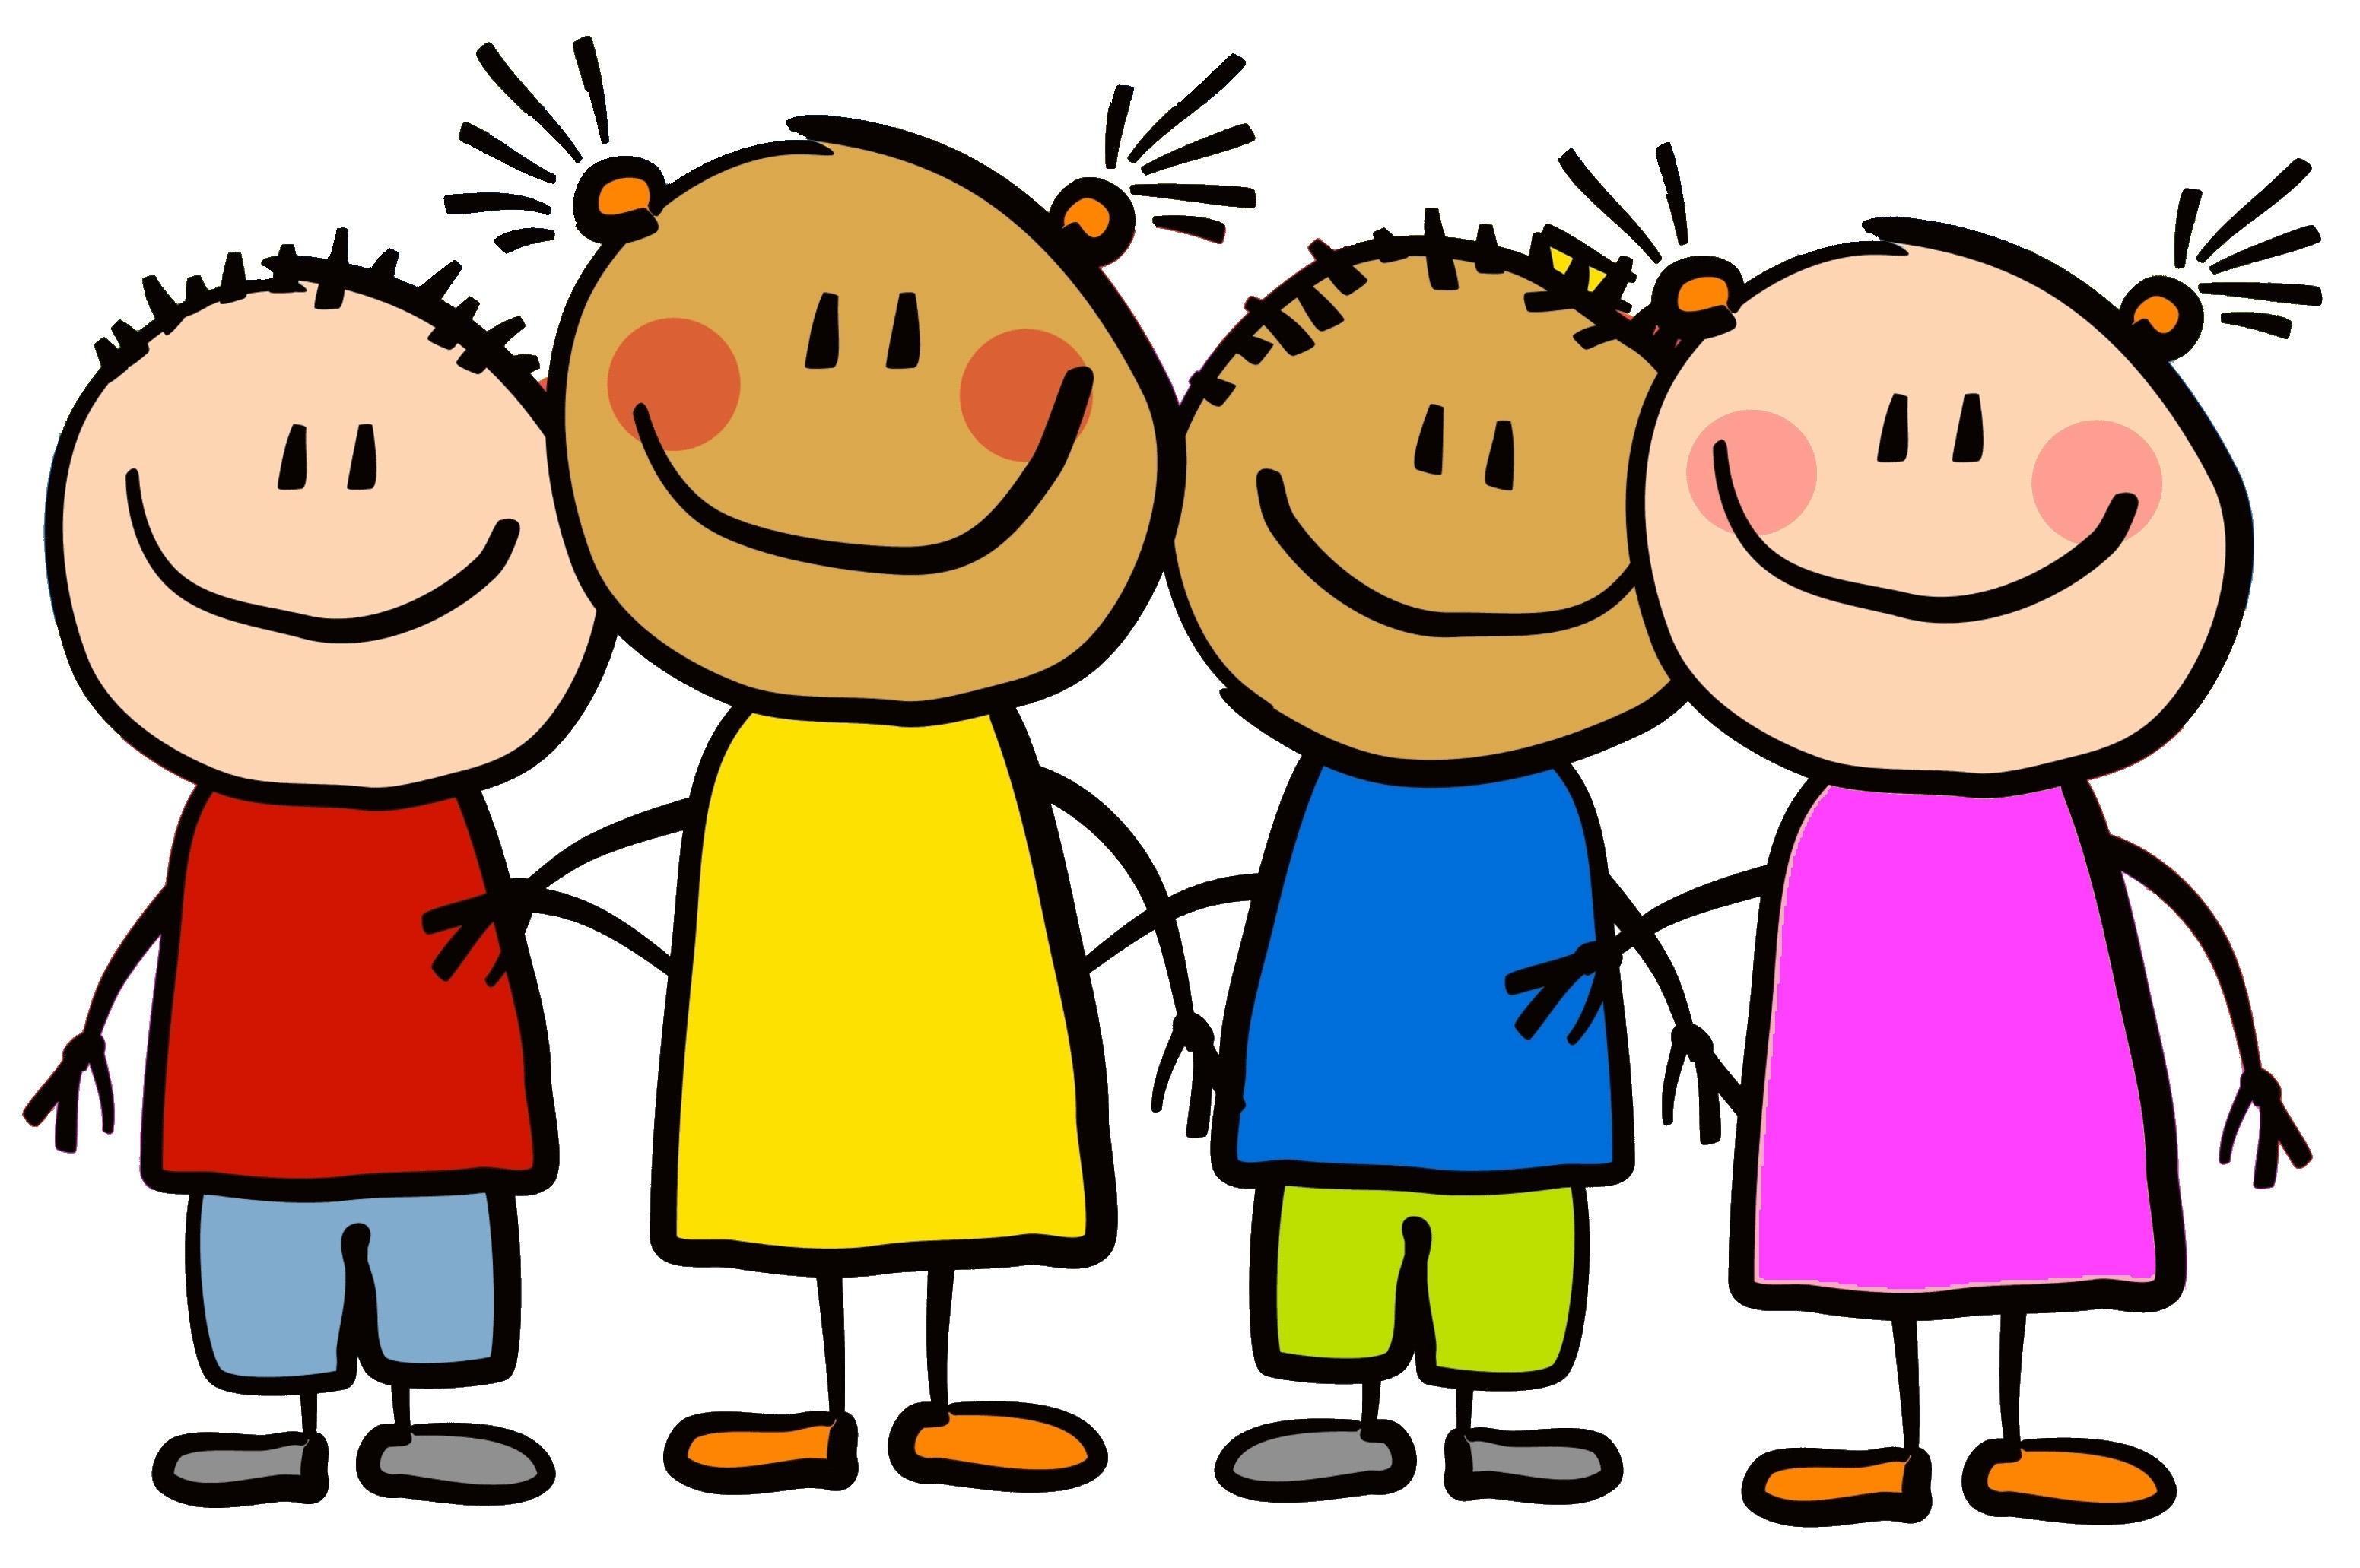 kindergarten clip art. Free preschool clipart